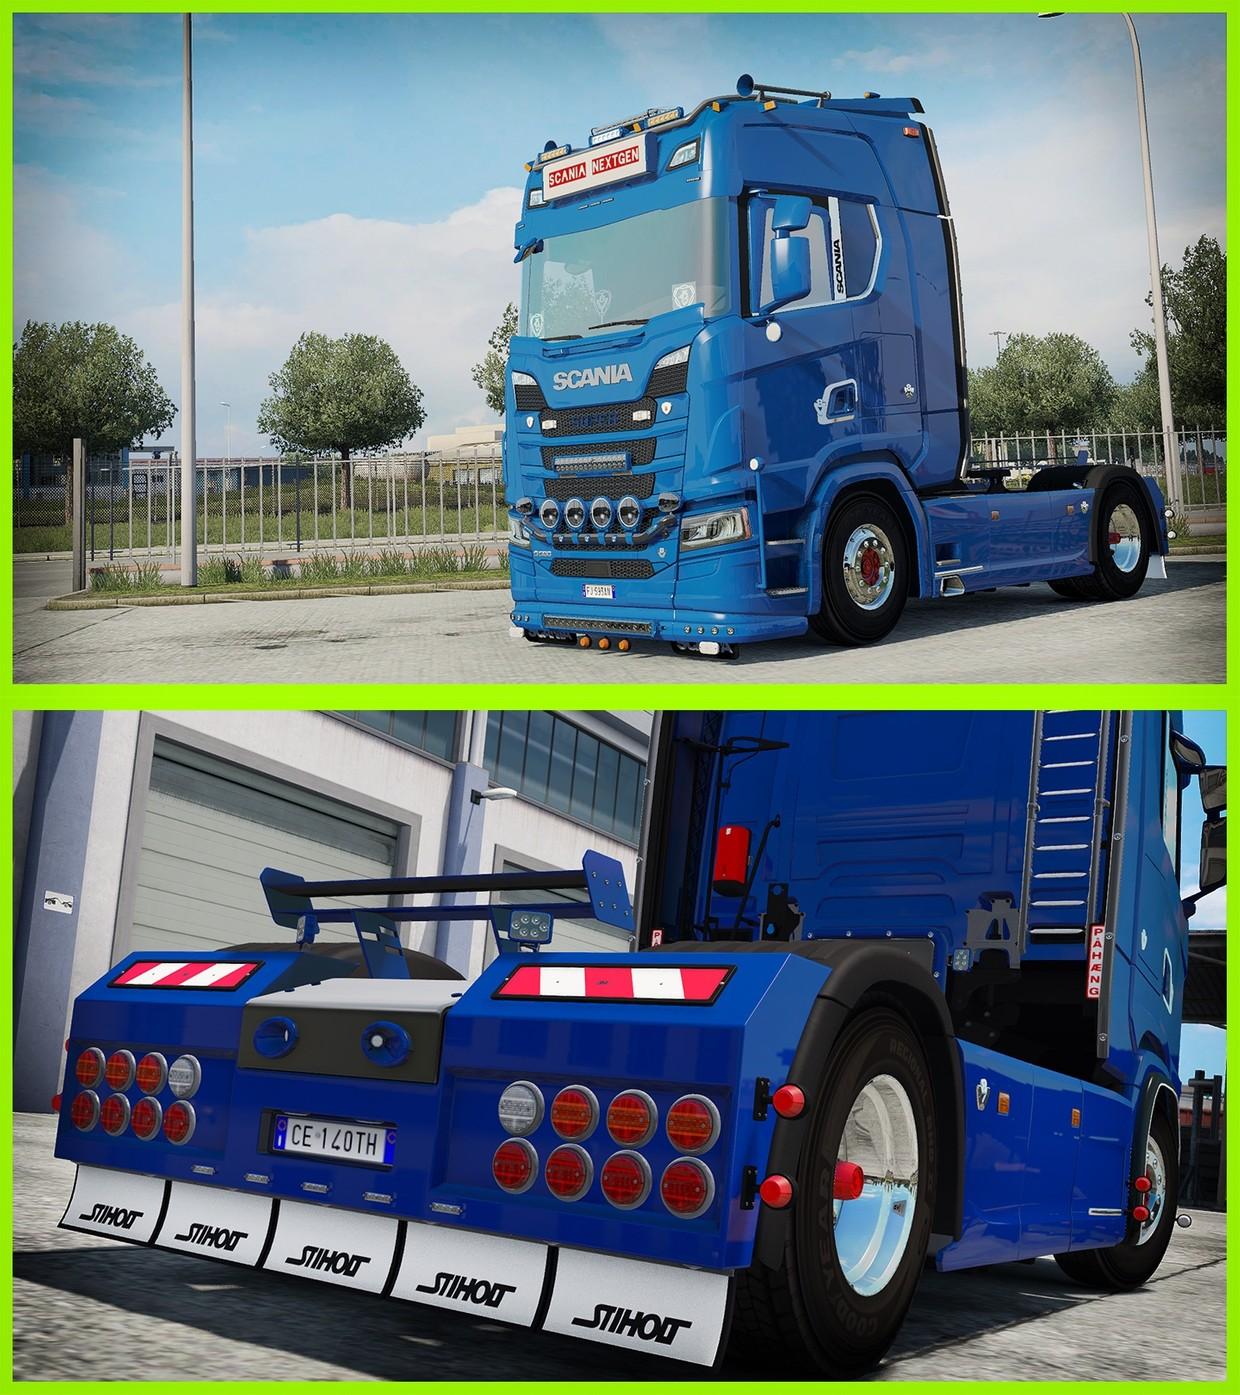 [ETS2 - ADDONS / BUNDLE] Scania NextGen Tuning Pack 2